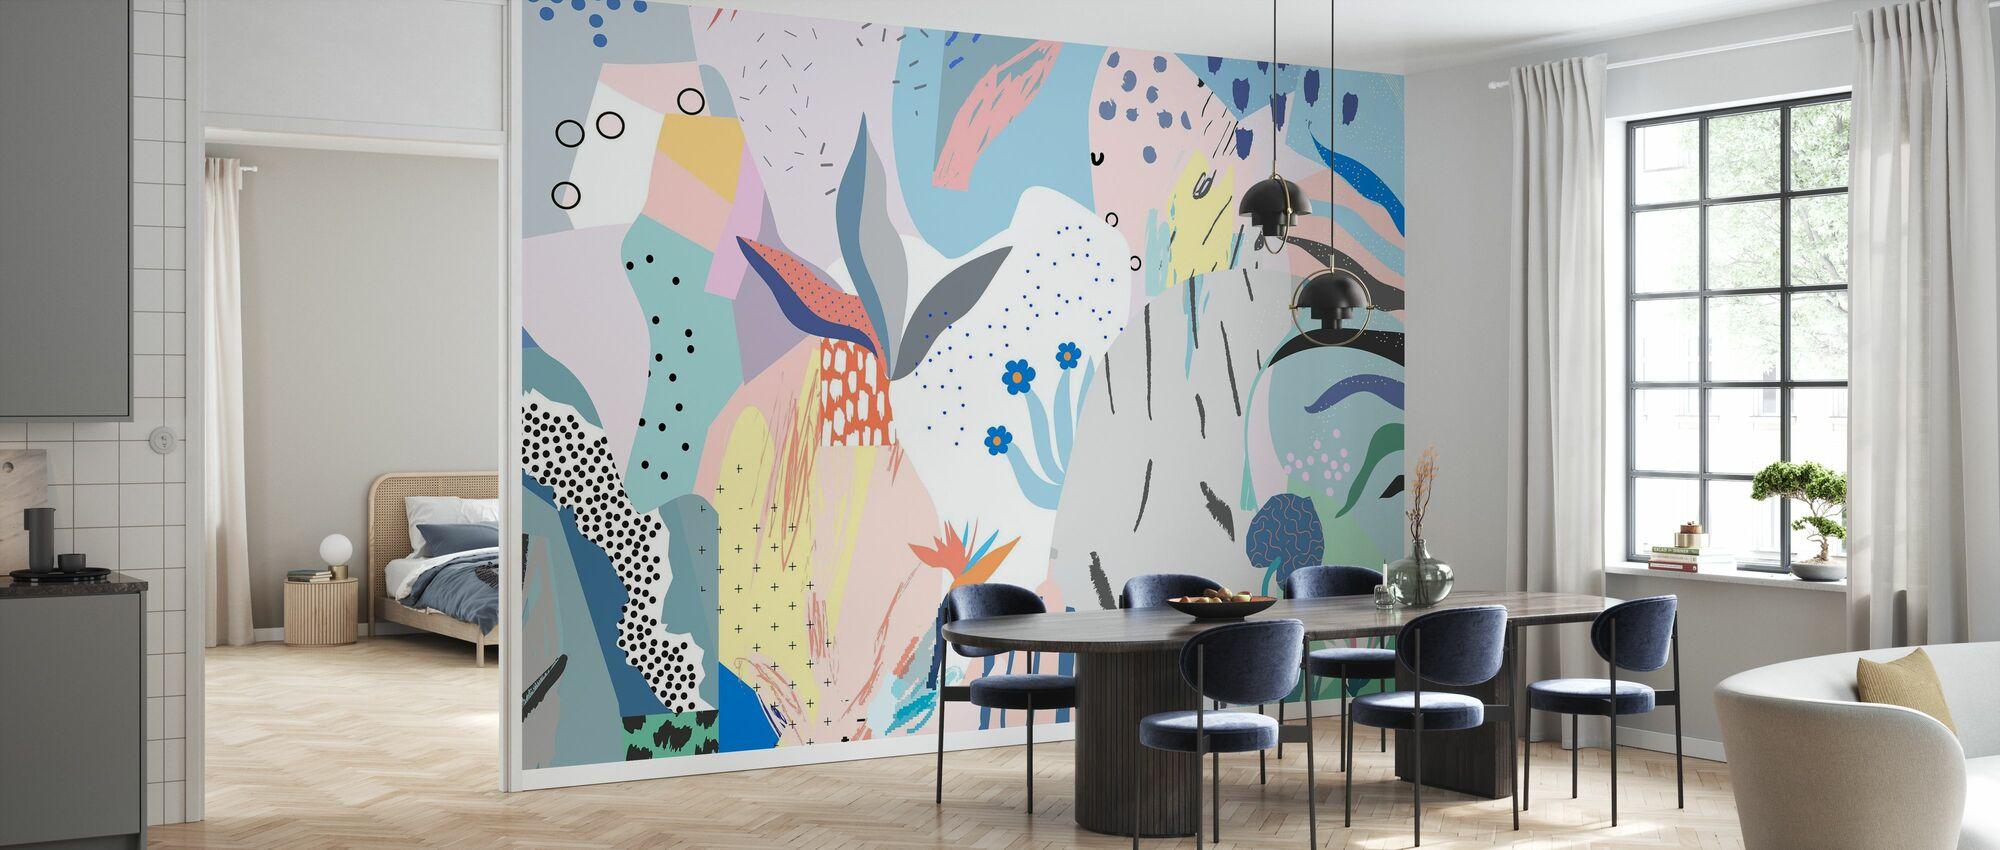 Flowery - Wallpaper - Kitchen